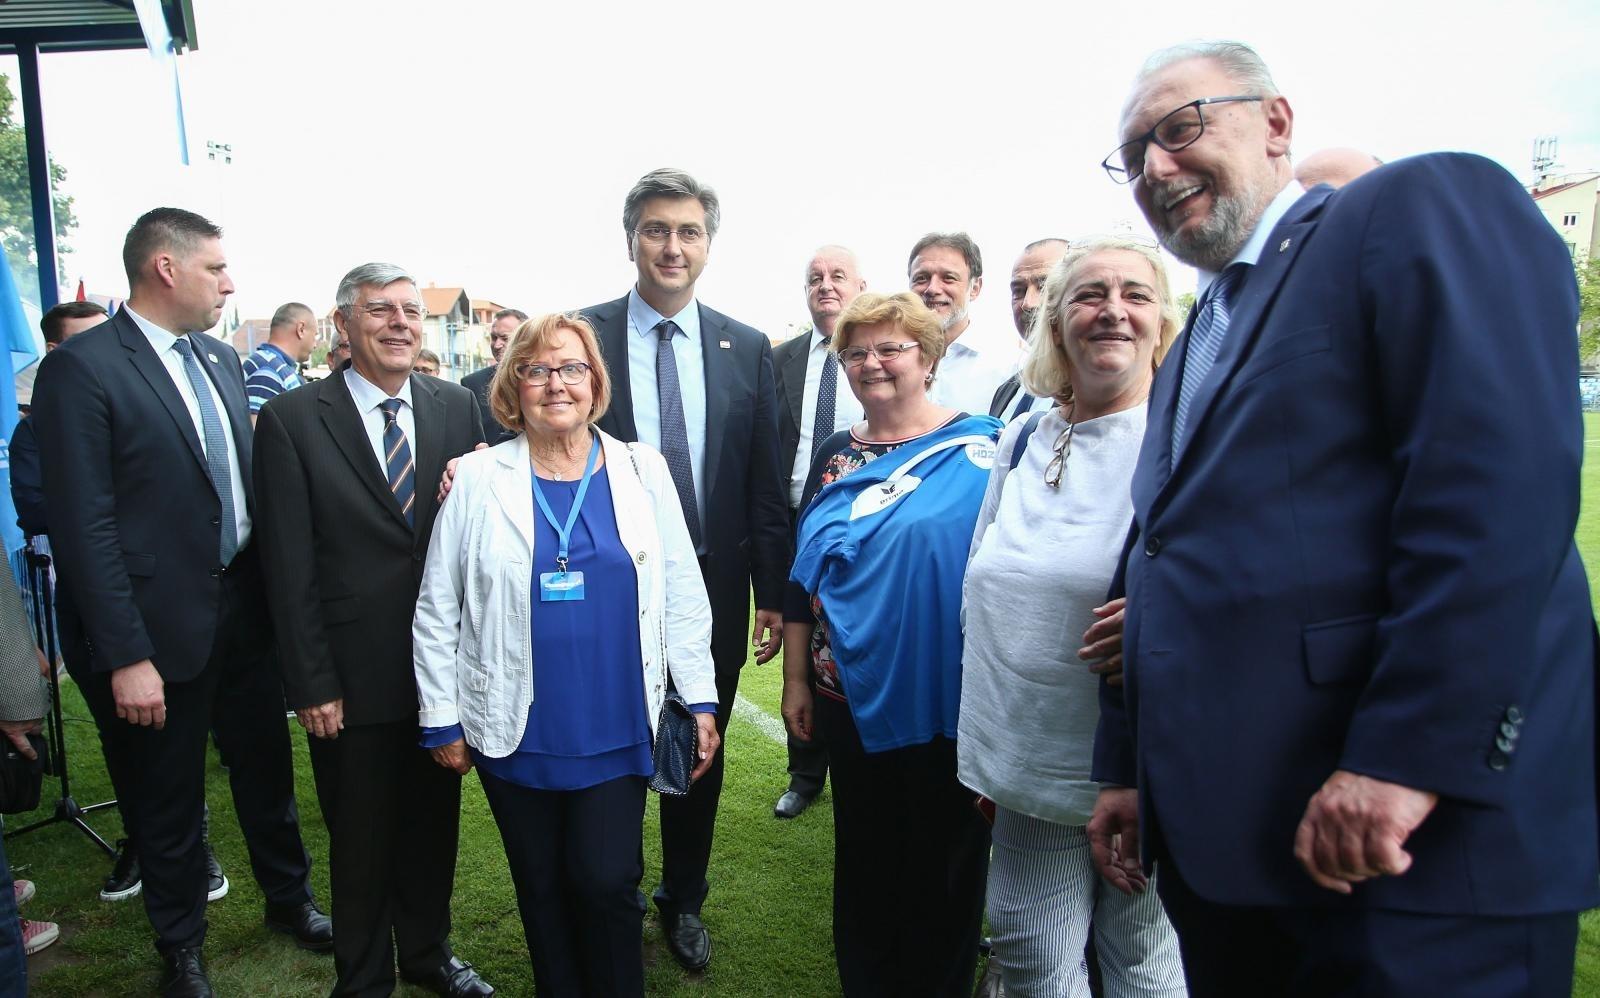 Nekoliko visokopozicioniranih HDZ-ovaca na čelu s premijerom i ministrom Božinovićem ignorira protuepidemijske mjere